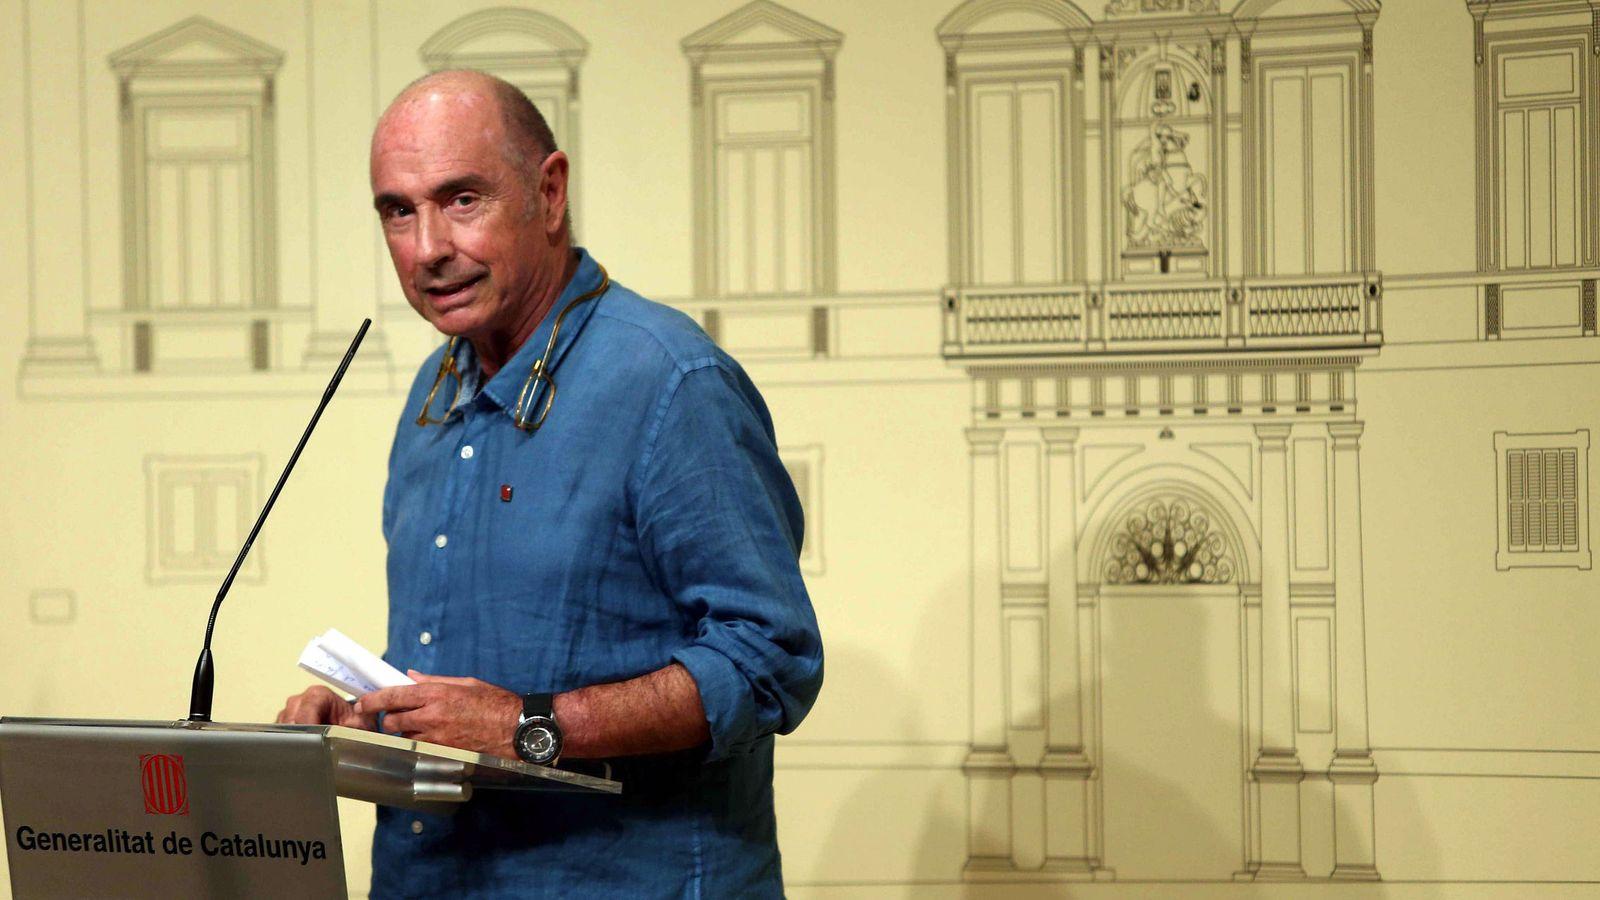 Foto: El exdiputado y cantautor Lluís Llach. (EFE)